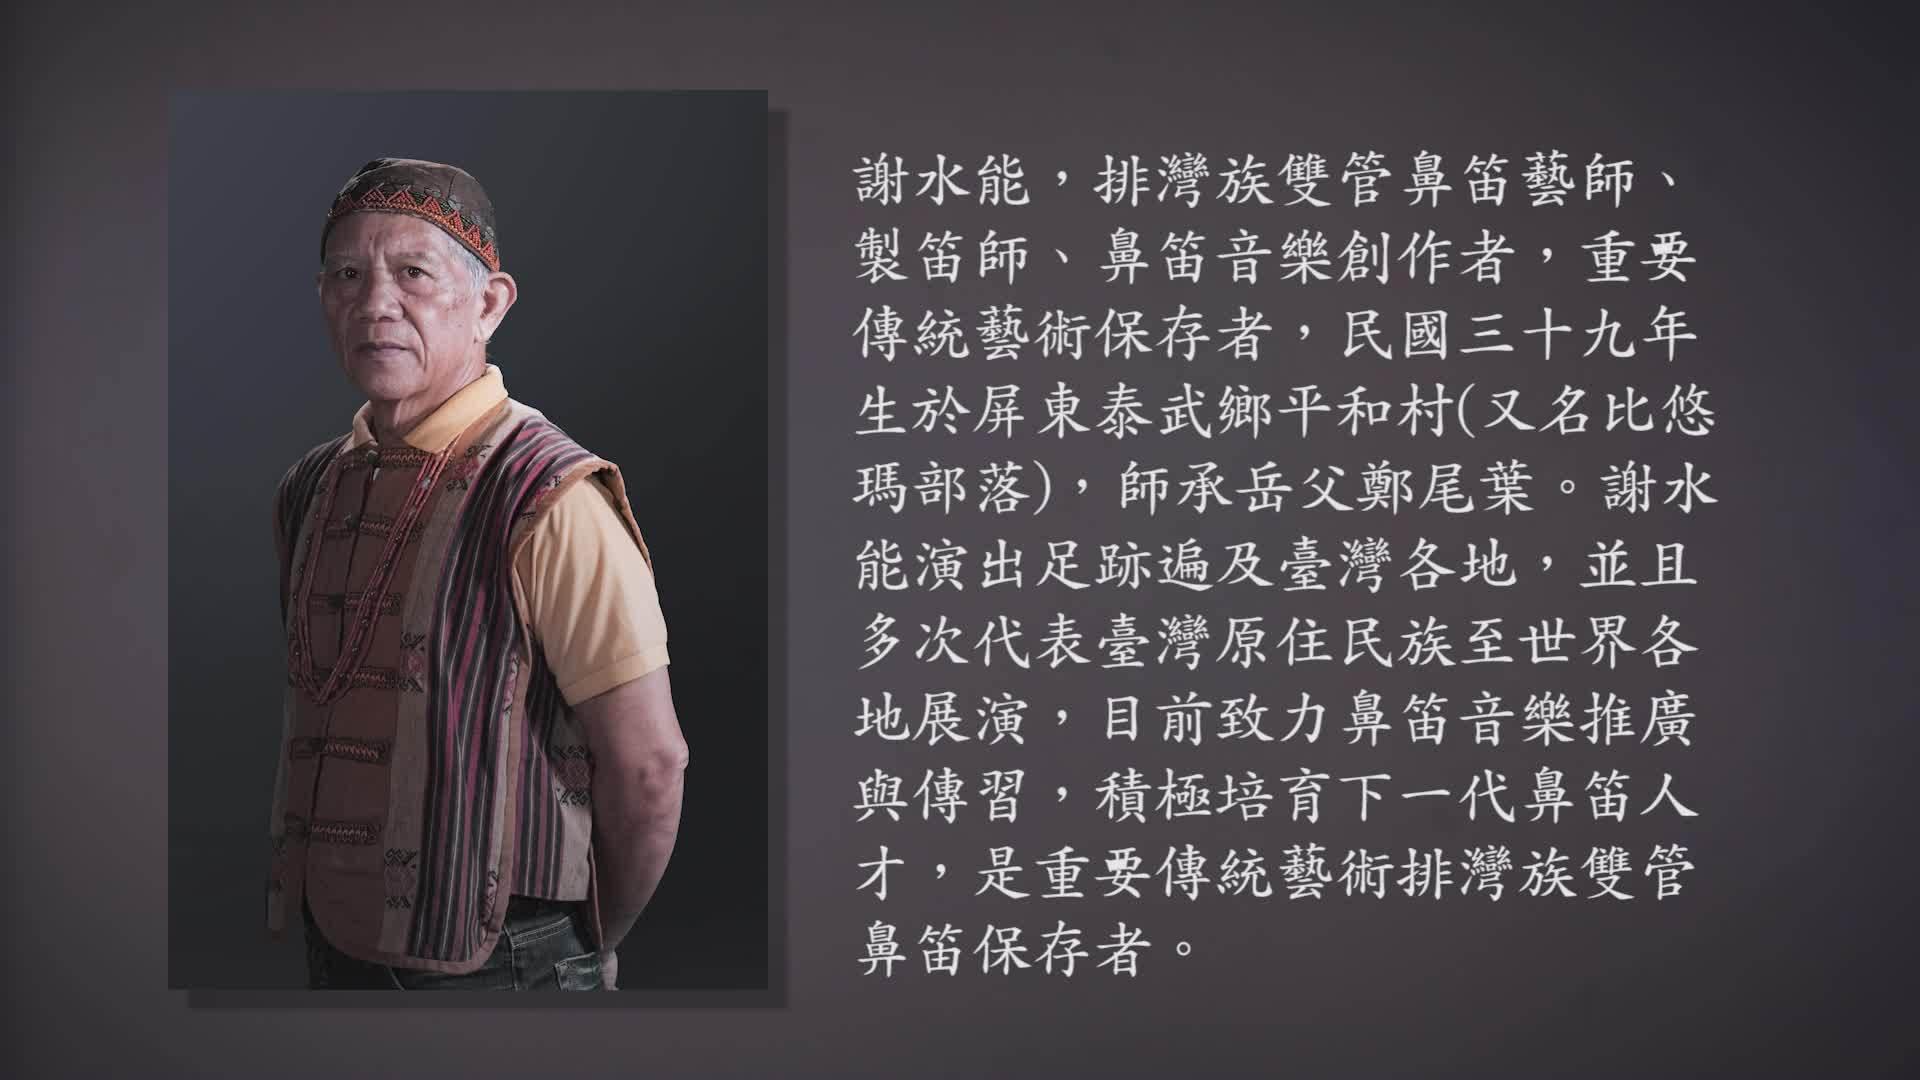 技藝.記憶-傳統藝術藝人口述歷史影像紀錄計畫-謝水能精華片段-